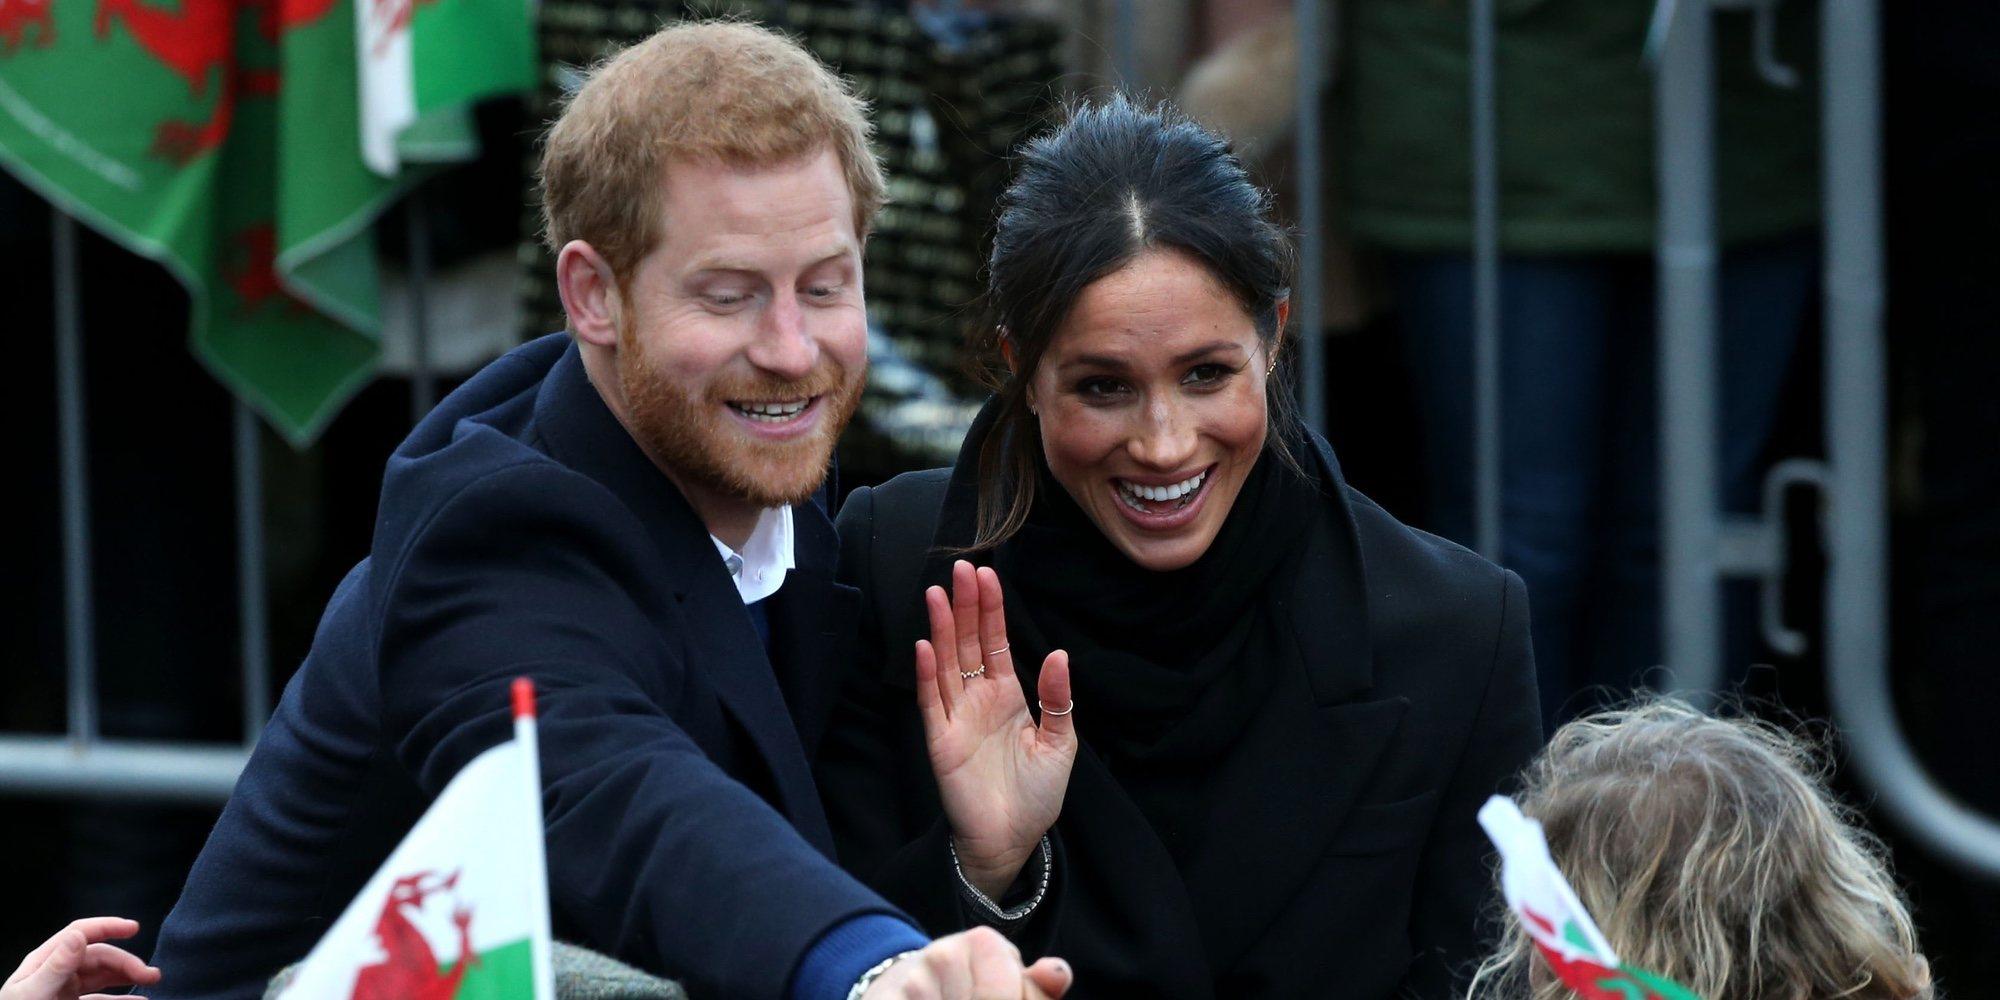 La lista de bodas solidaria del Príncipe Harry y Meghan Markle